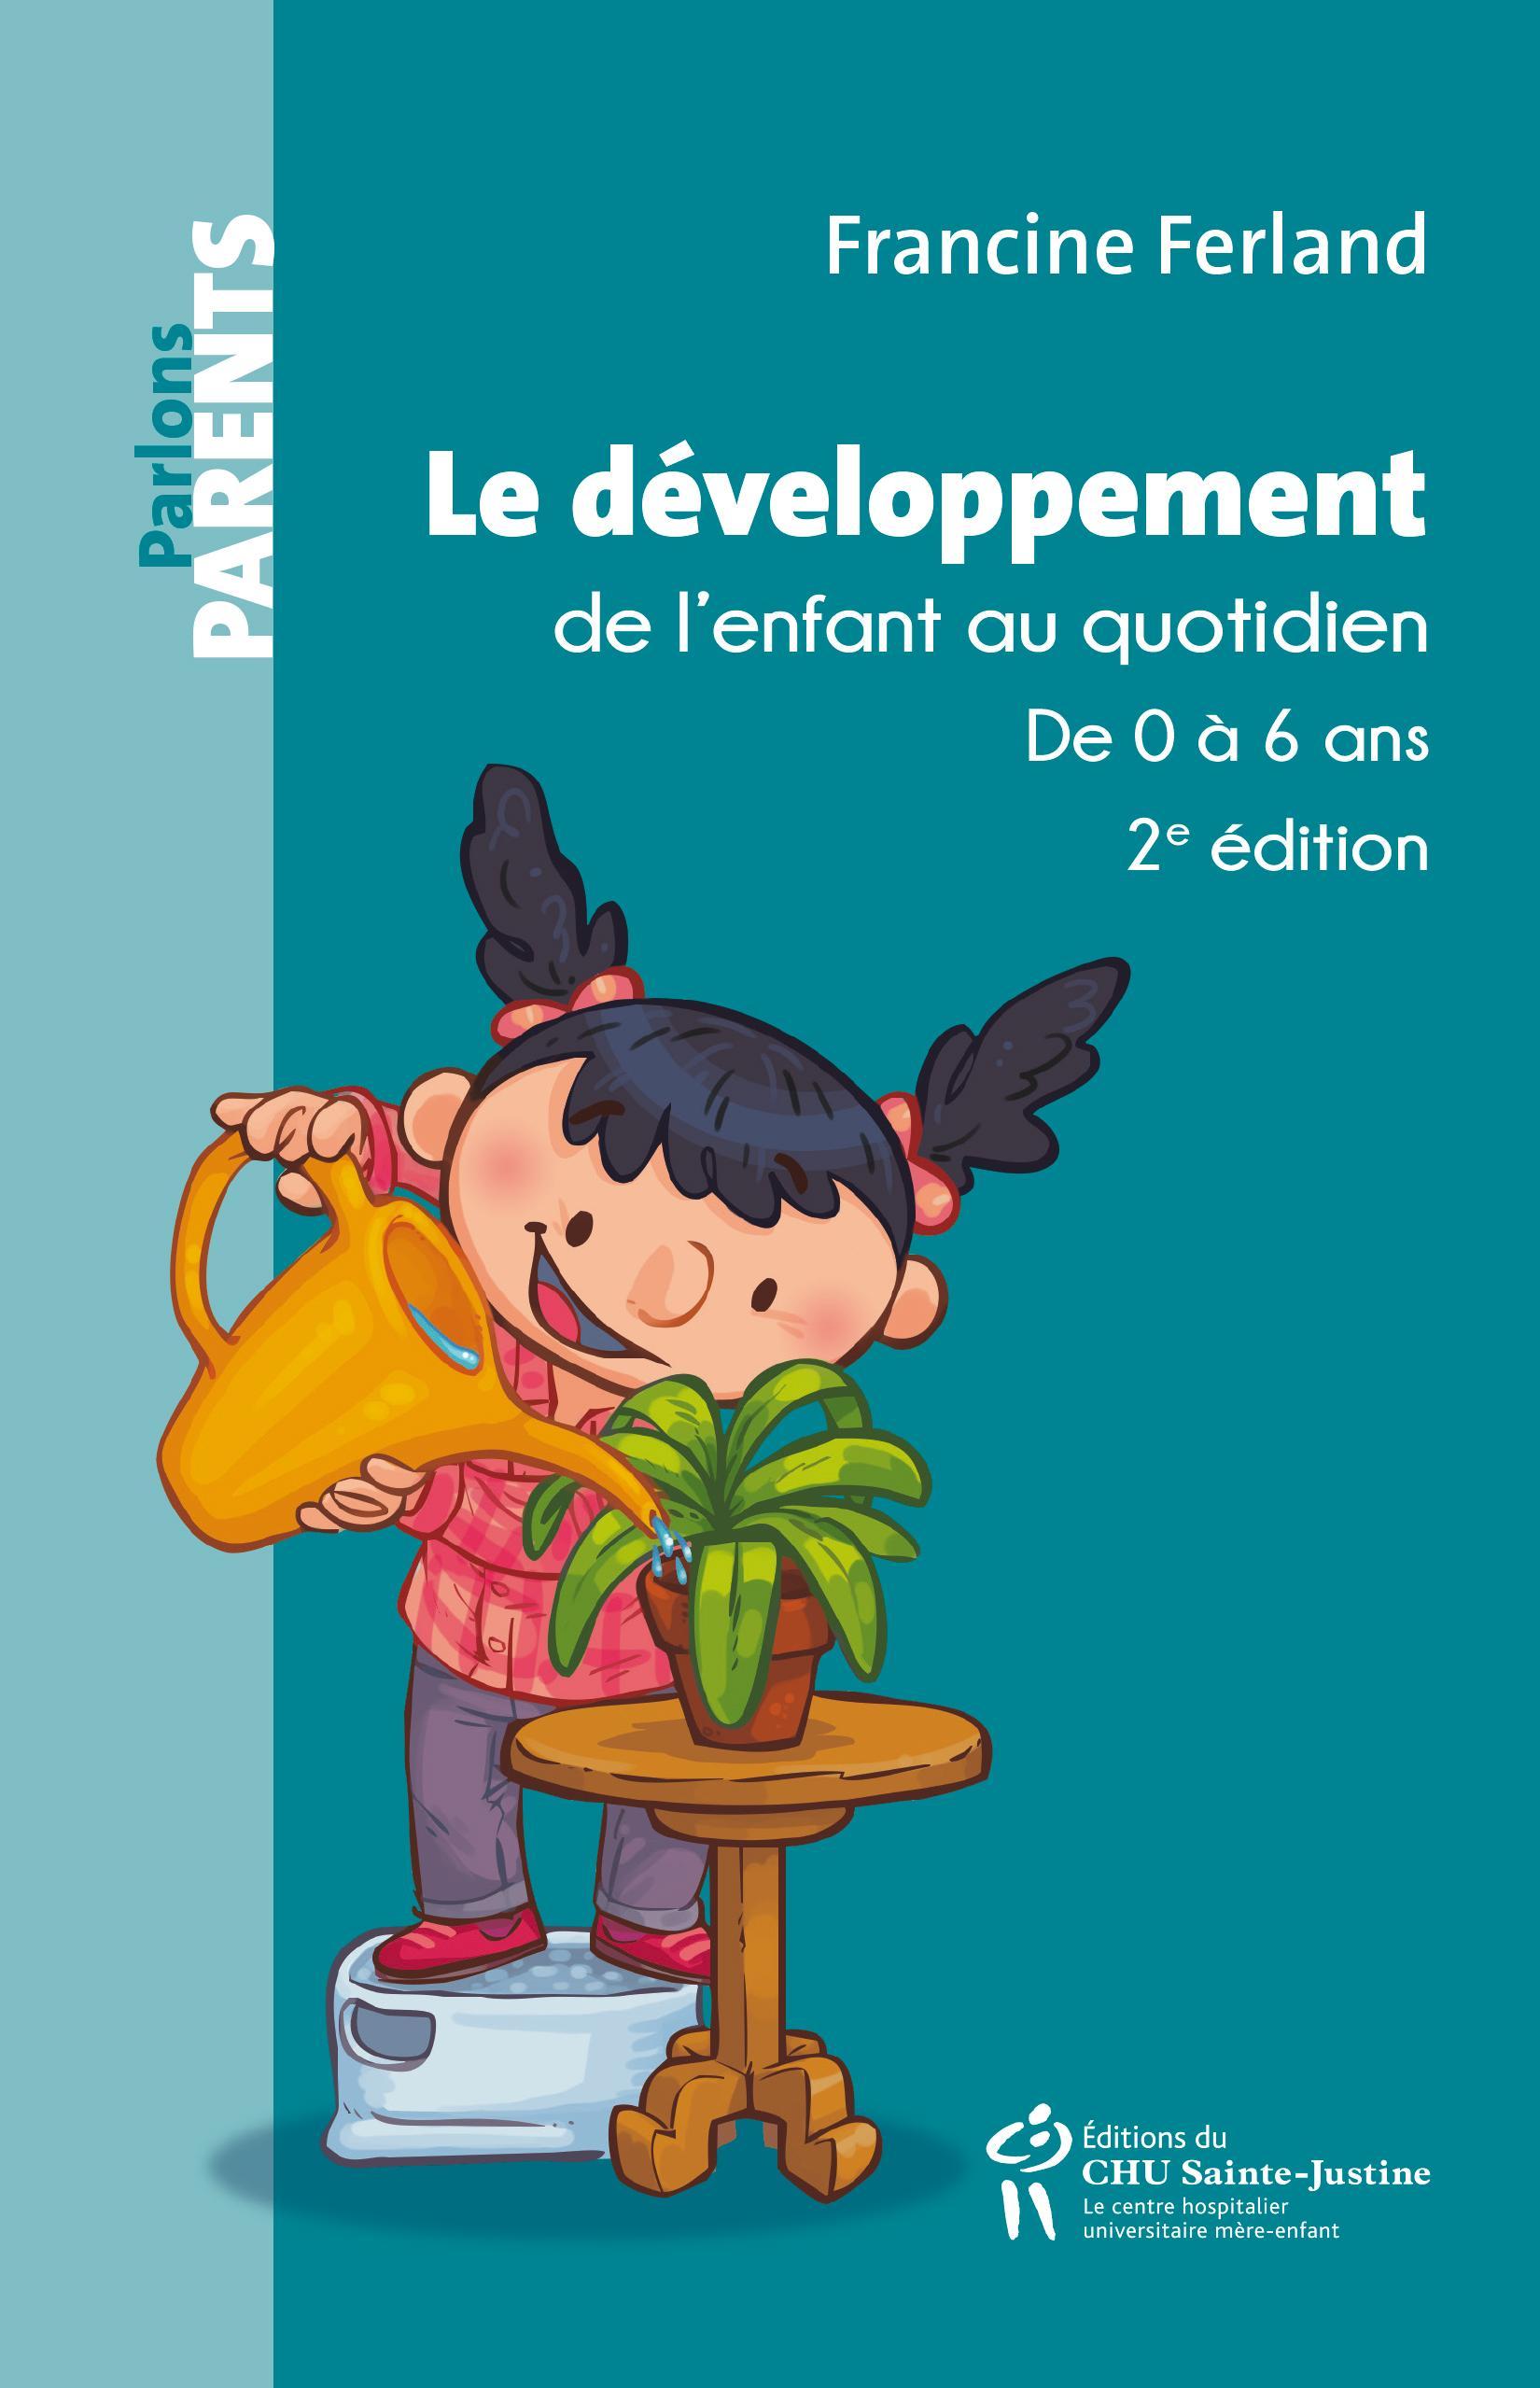 Le développement de l'enfant au quotidien